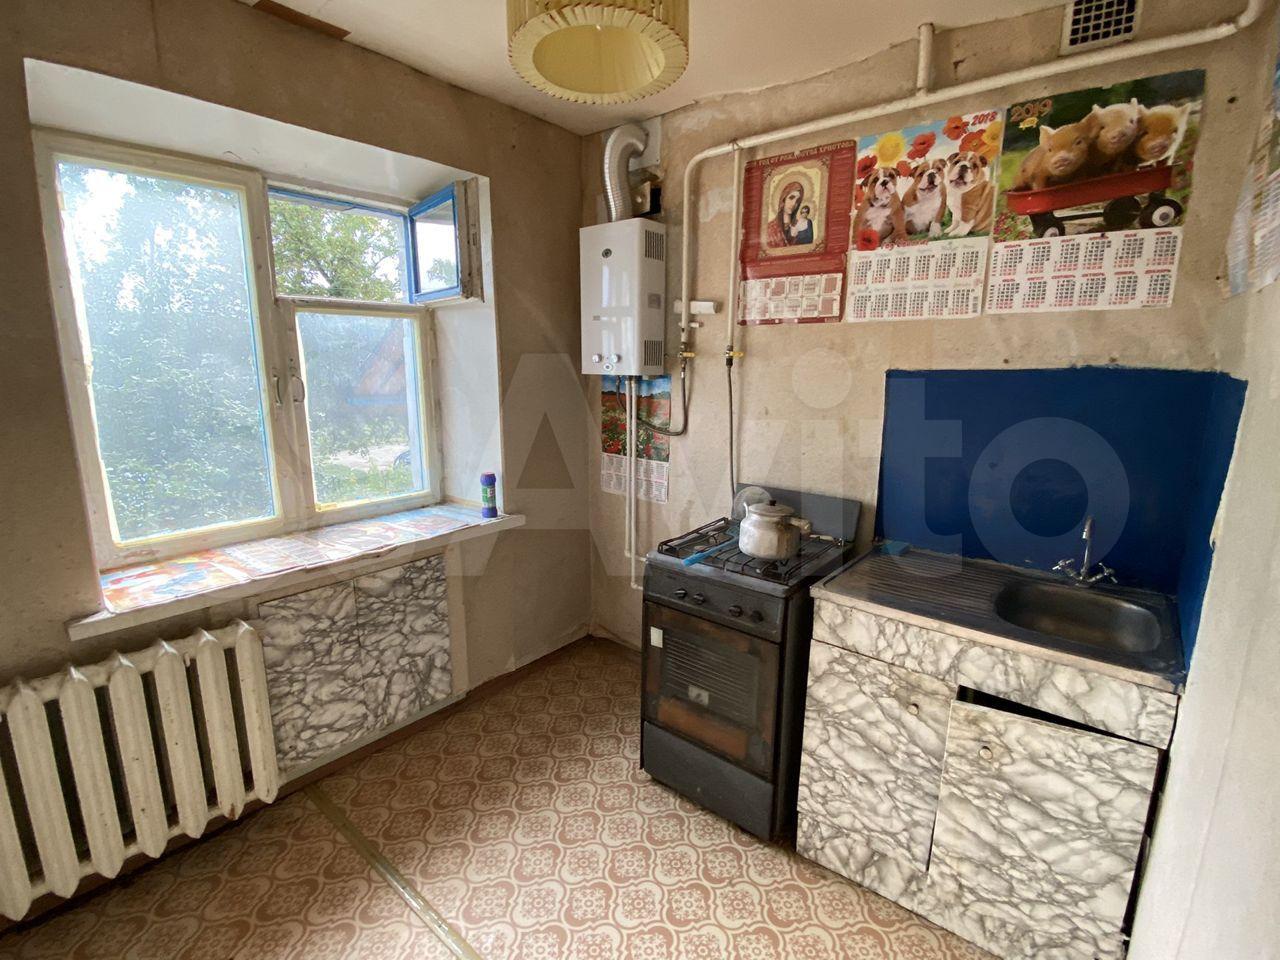 1-к квартира, 31.8 м², 1/2 эт.  89176119095 купить 4